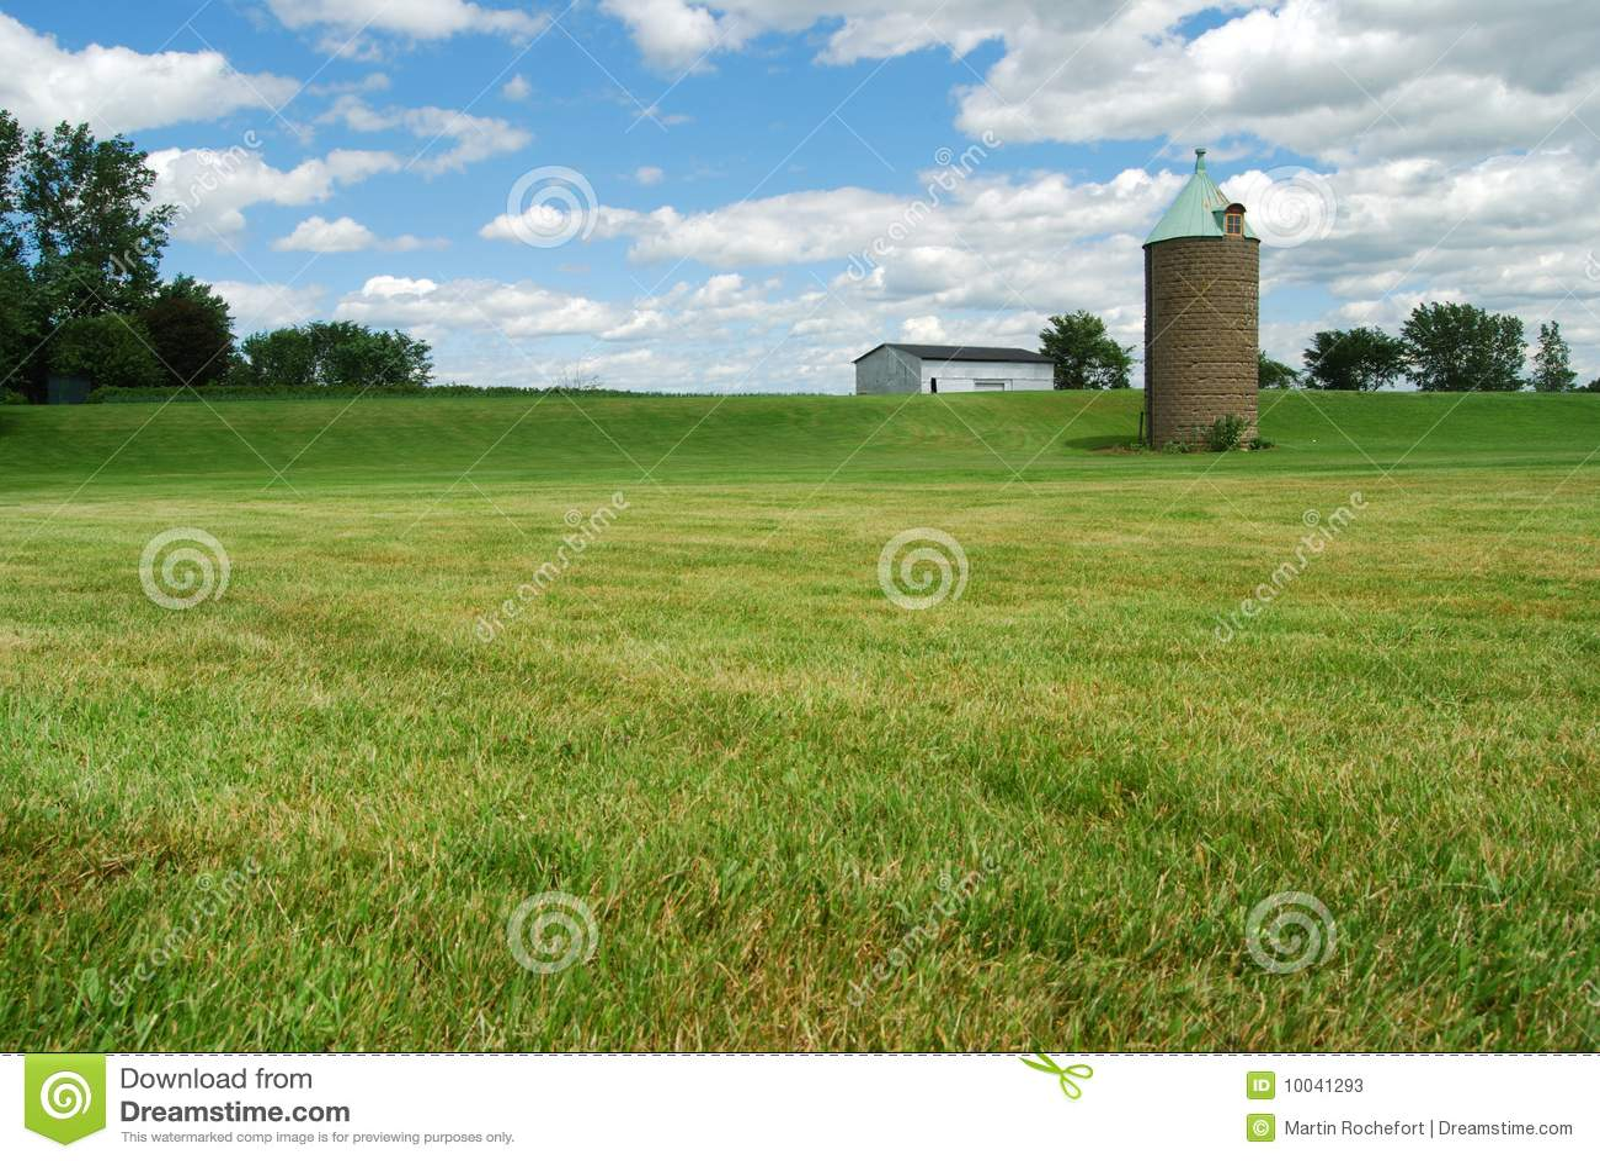 Silo e celeiro em um campo